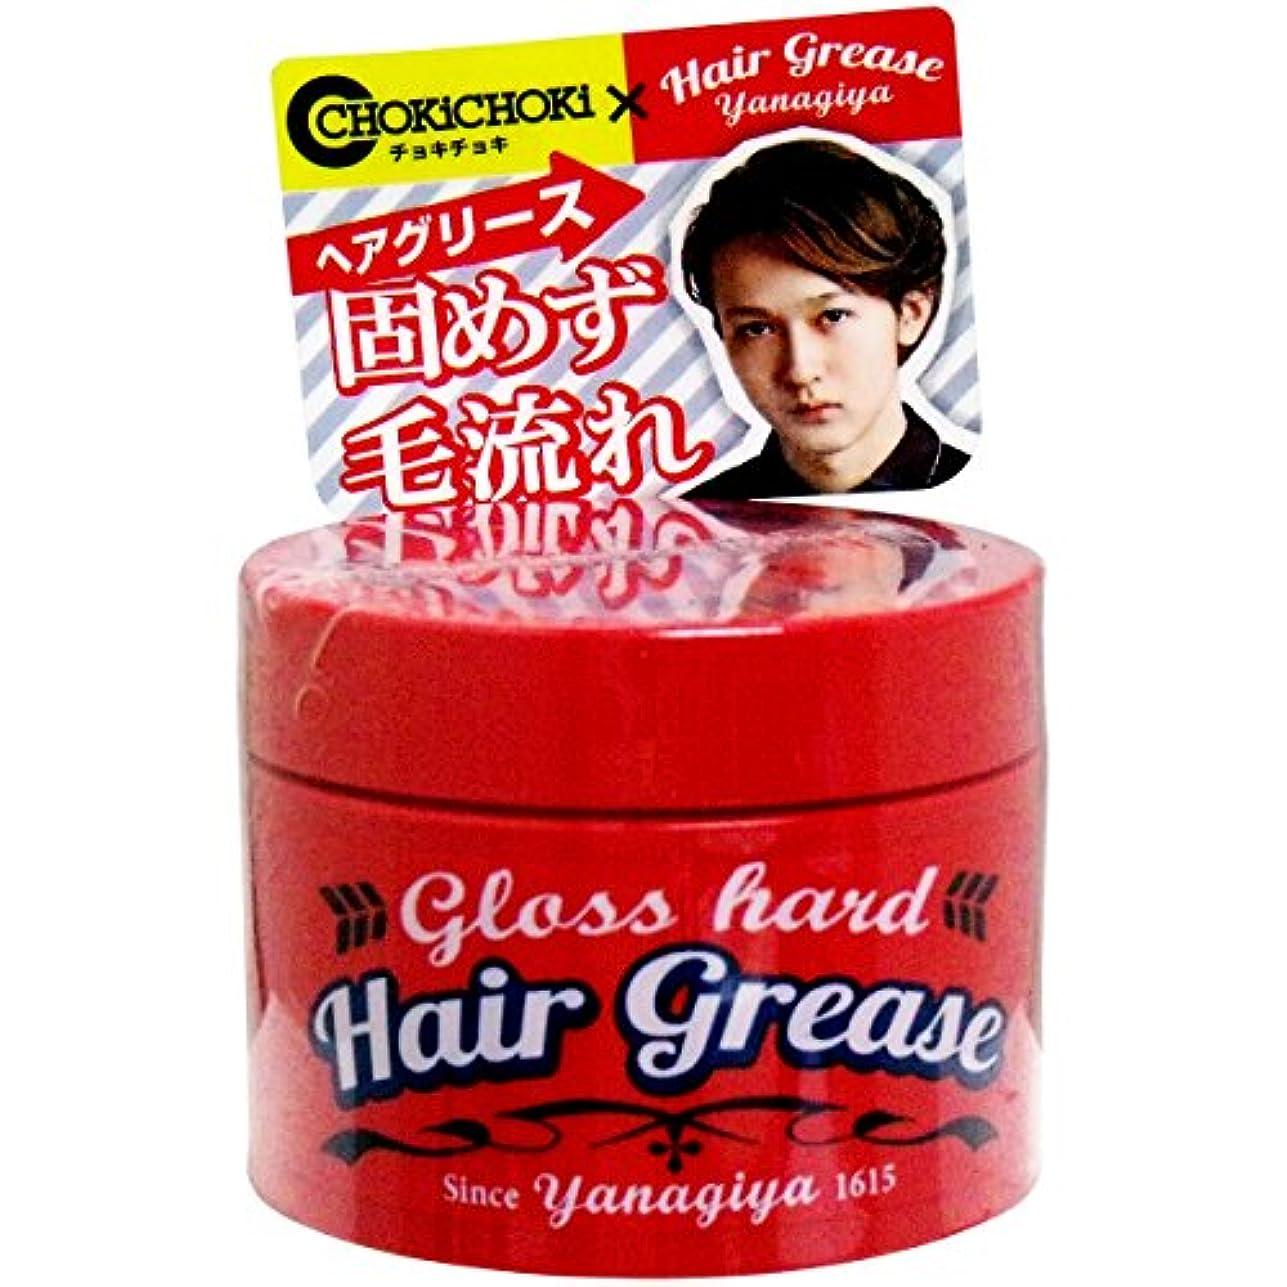 発動機シルク多年生ヘアワックス 固めず毛流れ 使いやすい YANAGIYA ヘアグリース グロスハード 90g入【5個セット】